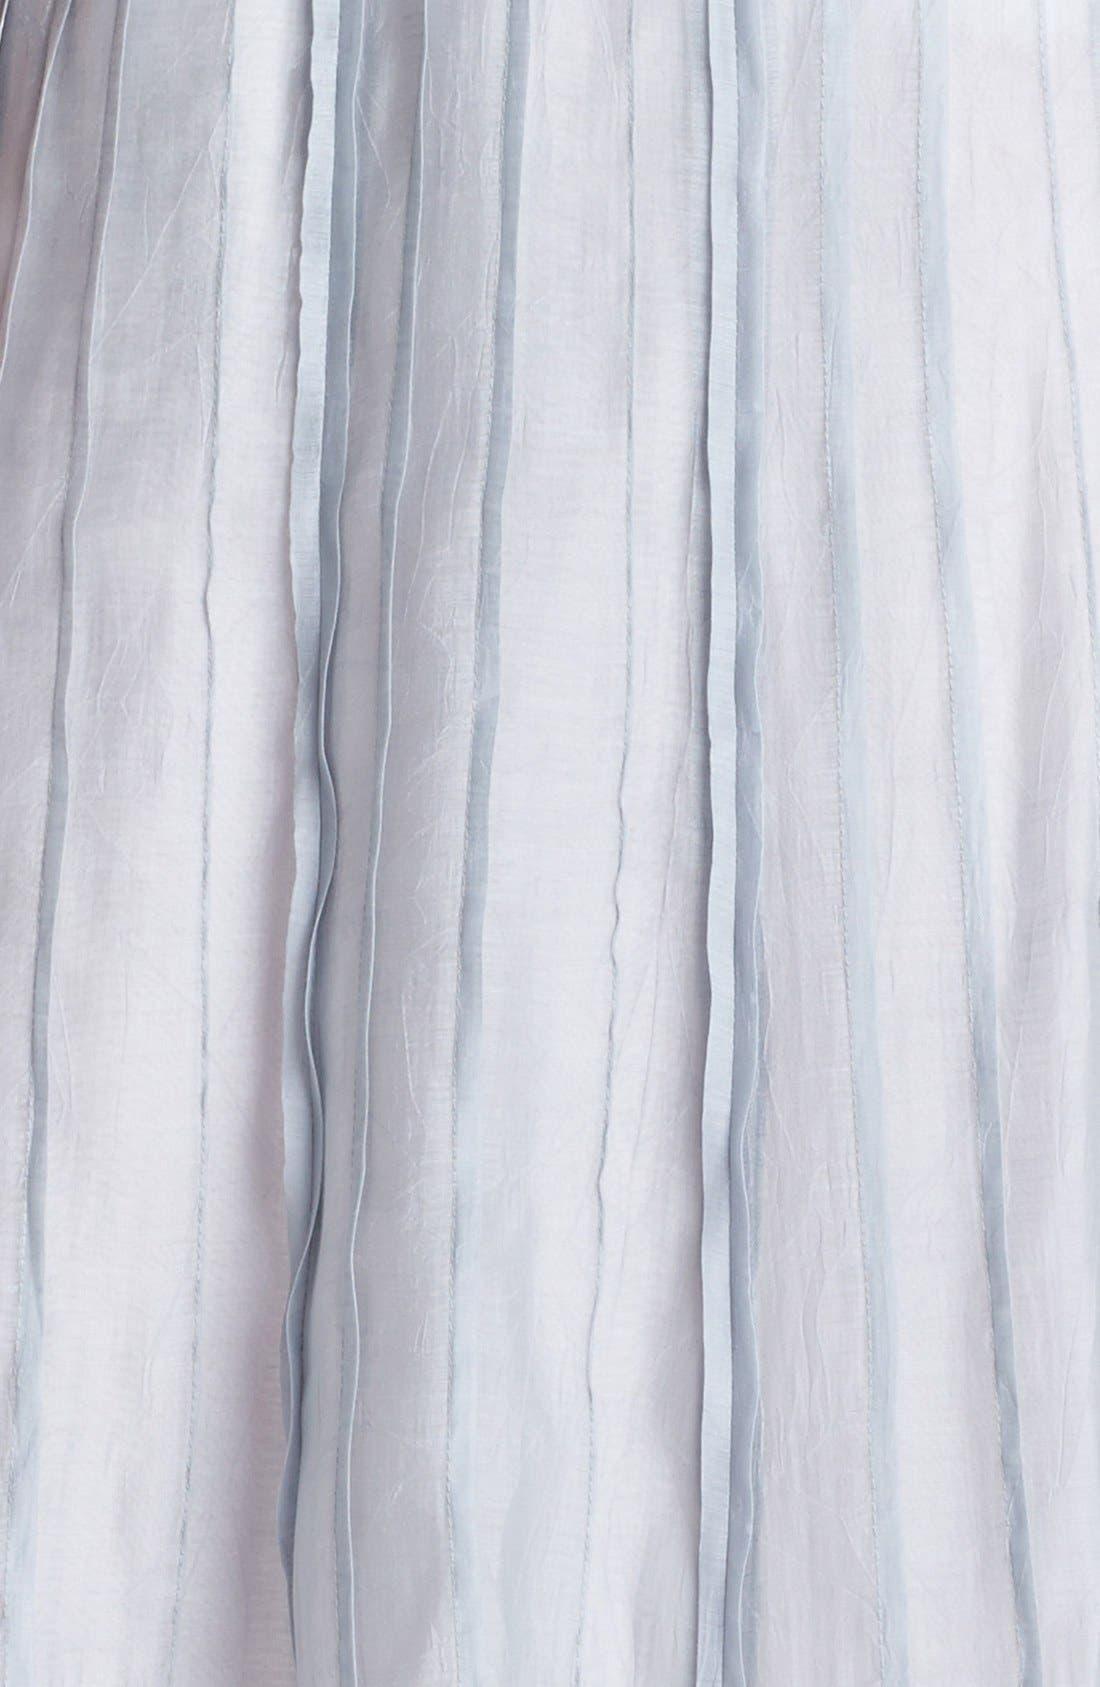 NIC+ZOE, Nic + Zoe 'Batiste' Flared Skirt, Alternate thumbnail 3, color, 041